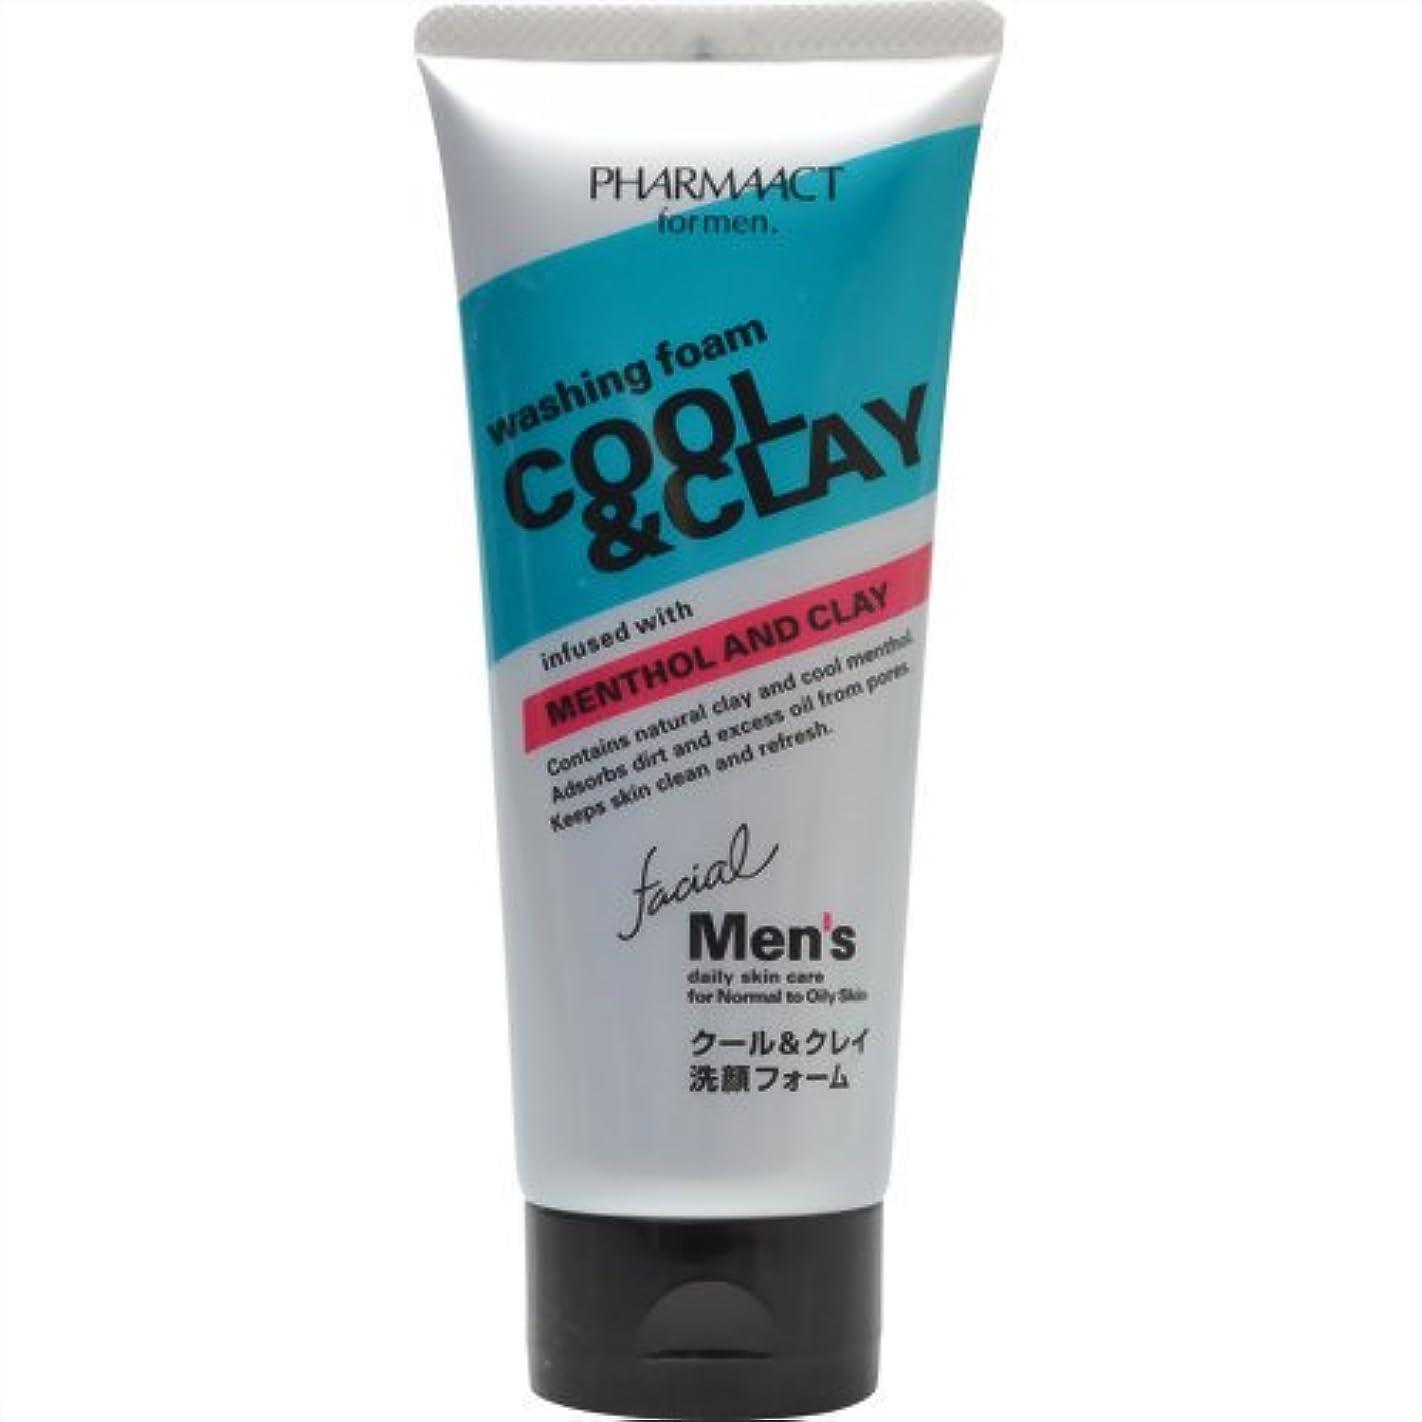 提供知覚する汚染するファーマアクト メンズ クール&クレイ洗顔フォーム 130g